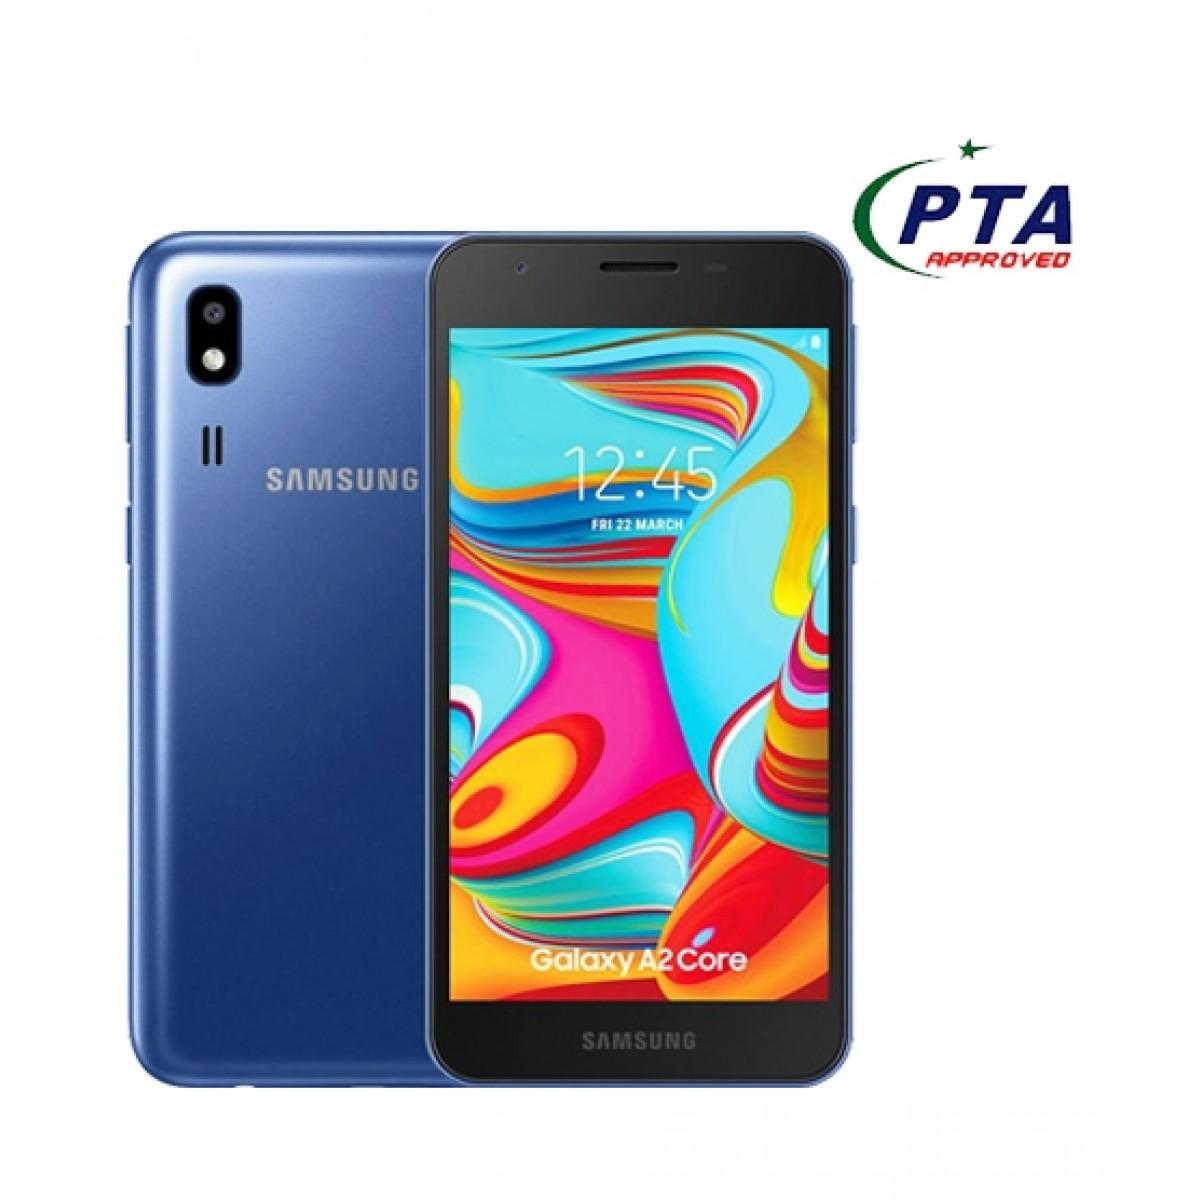 Samsung Galaxy A2 Core 8GB Dual Sim Blue - Official Warranty